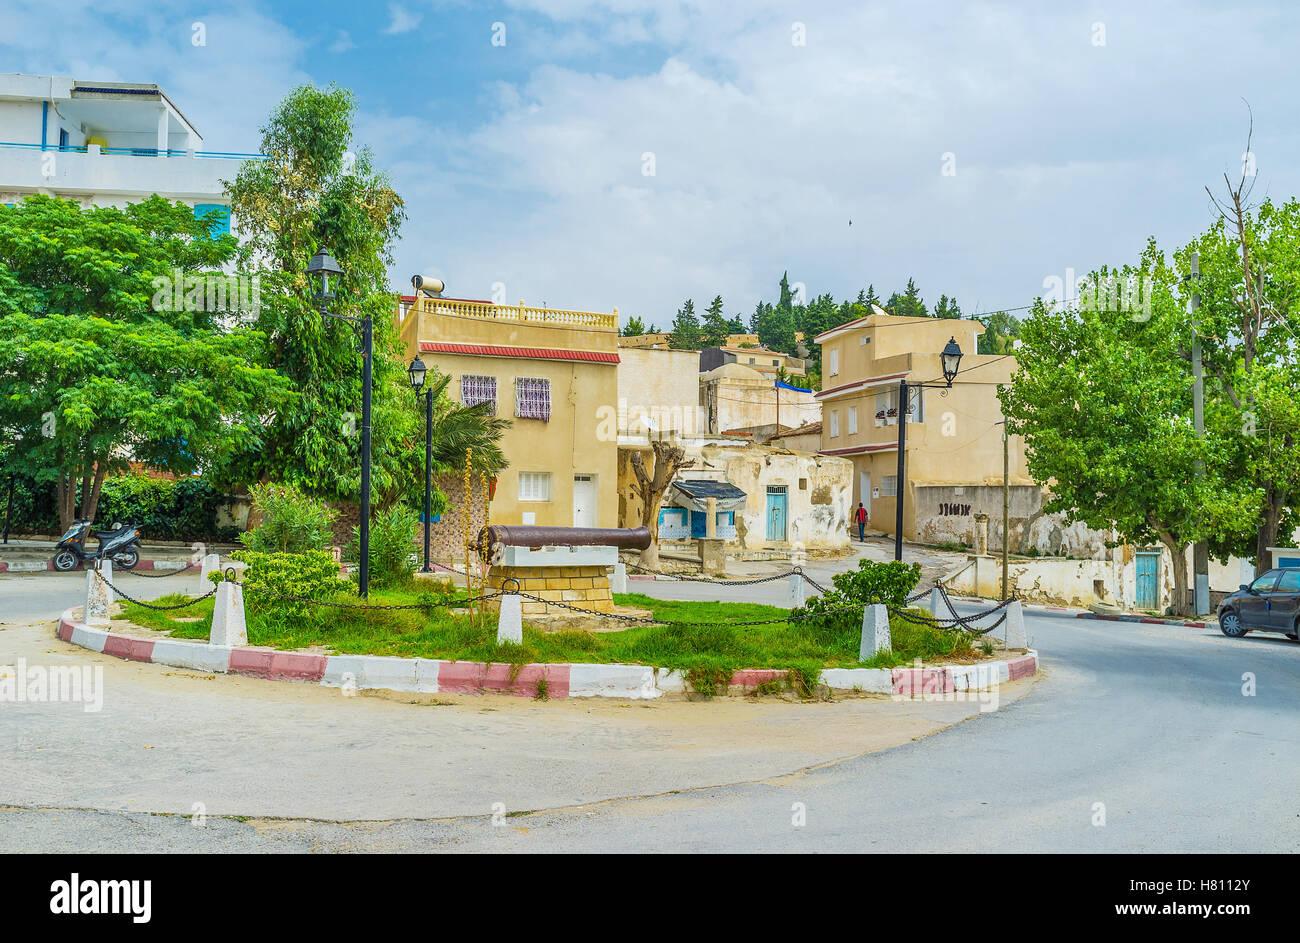 La petite place sur la zone de collines dans la vieille ville d'El Kef, Tunisie. Photo Stock